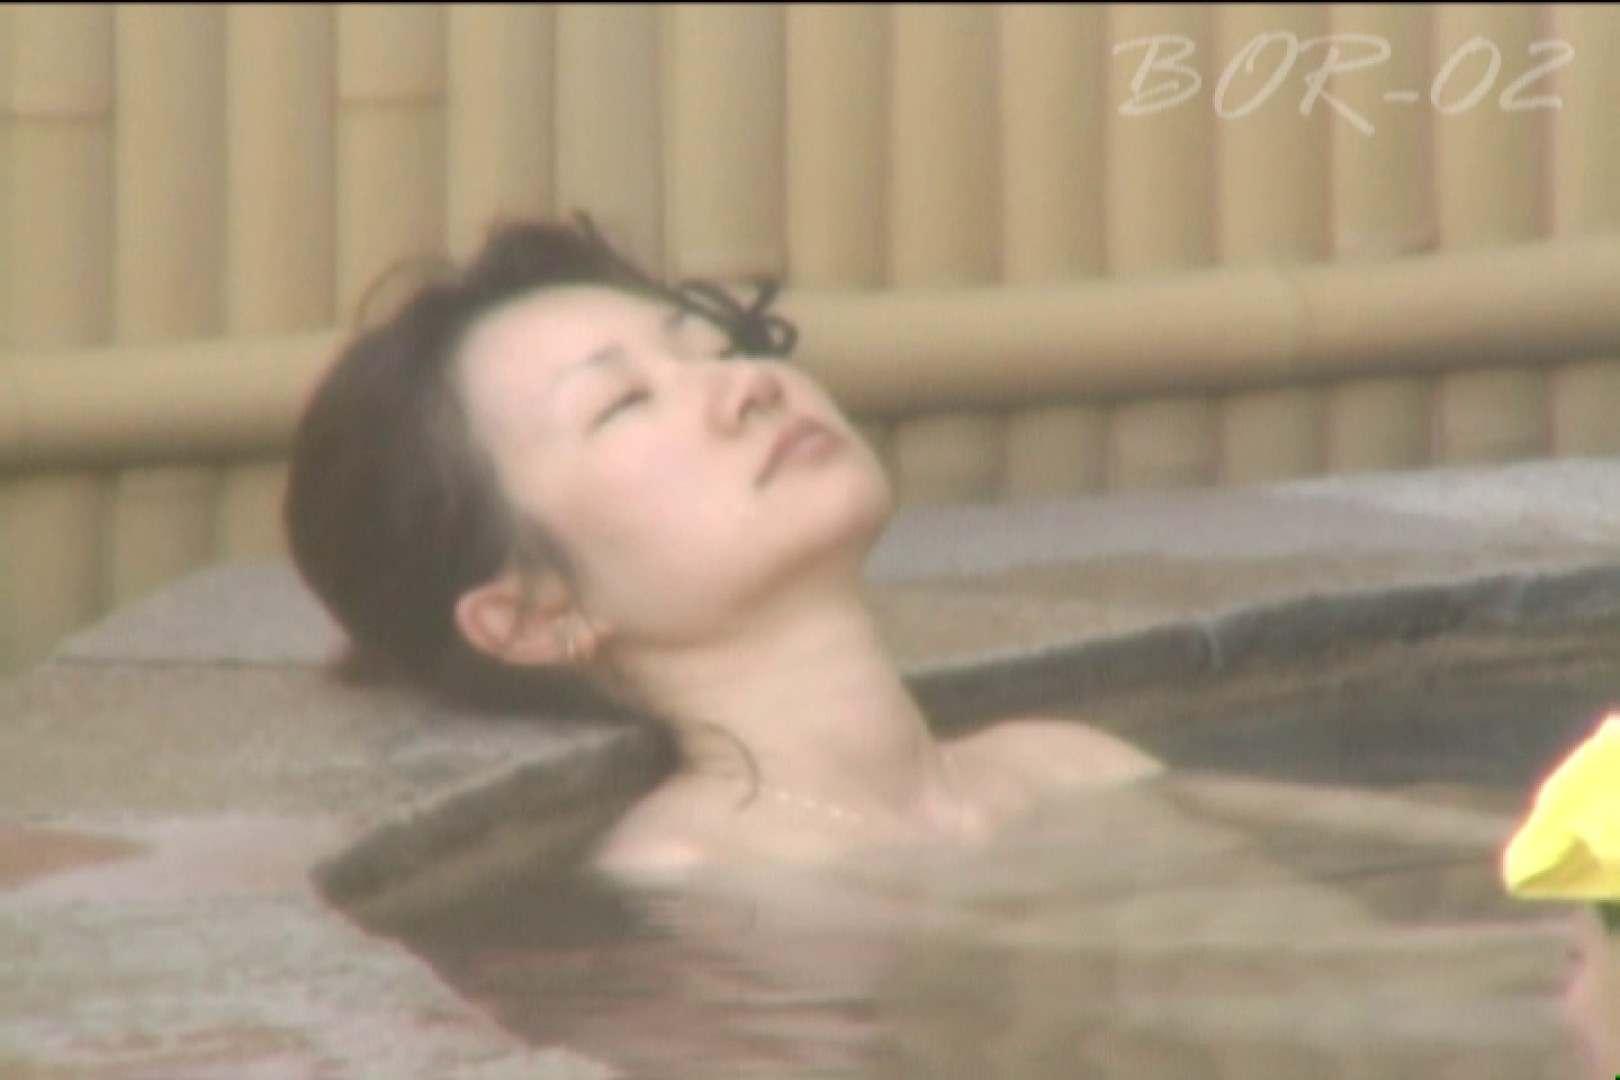 Aquaな露天風呂Vol.477 盗撮 | OLのエロ生活  79連発 37